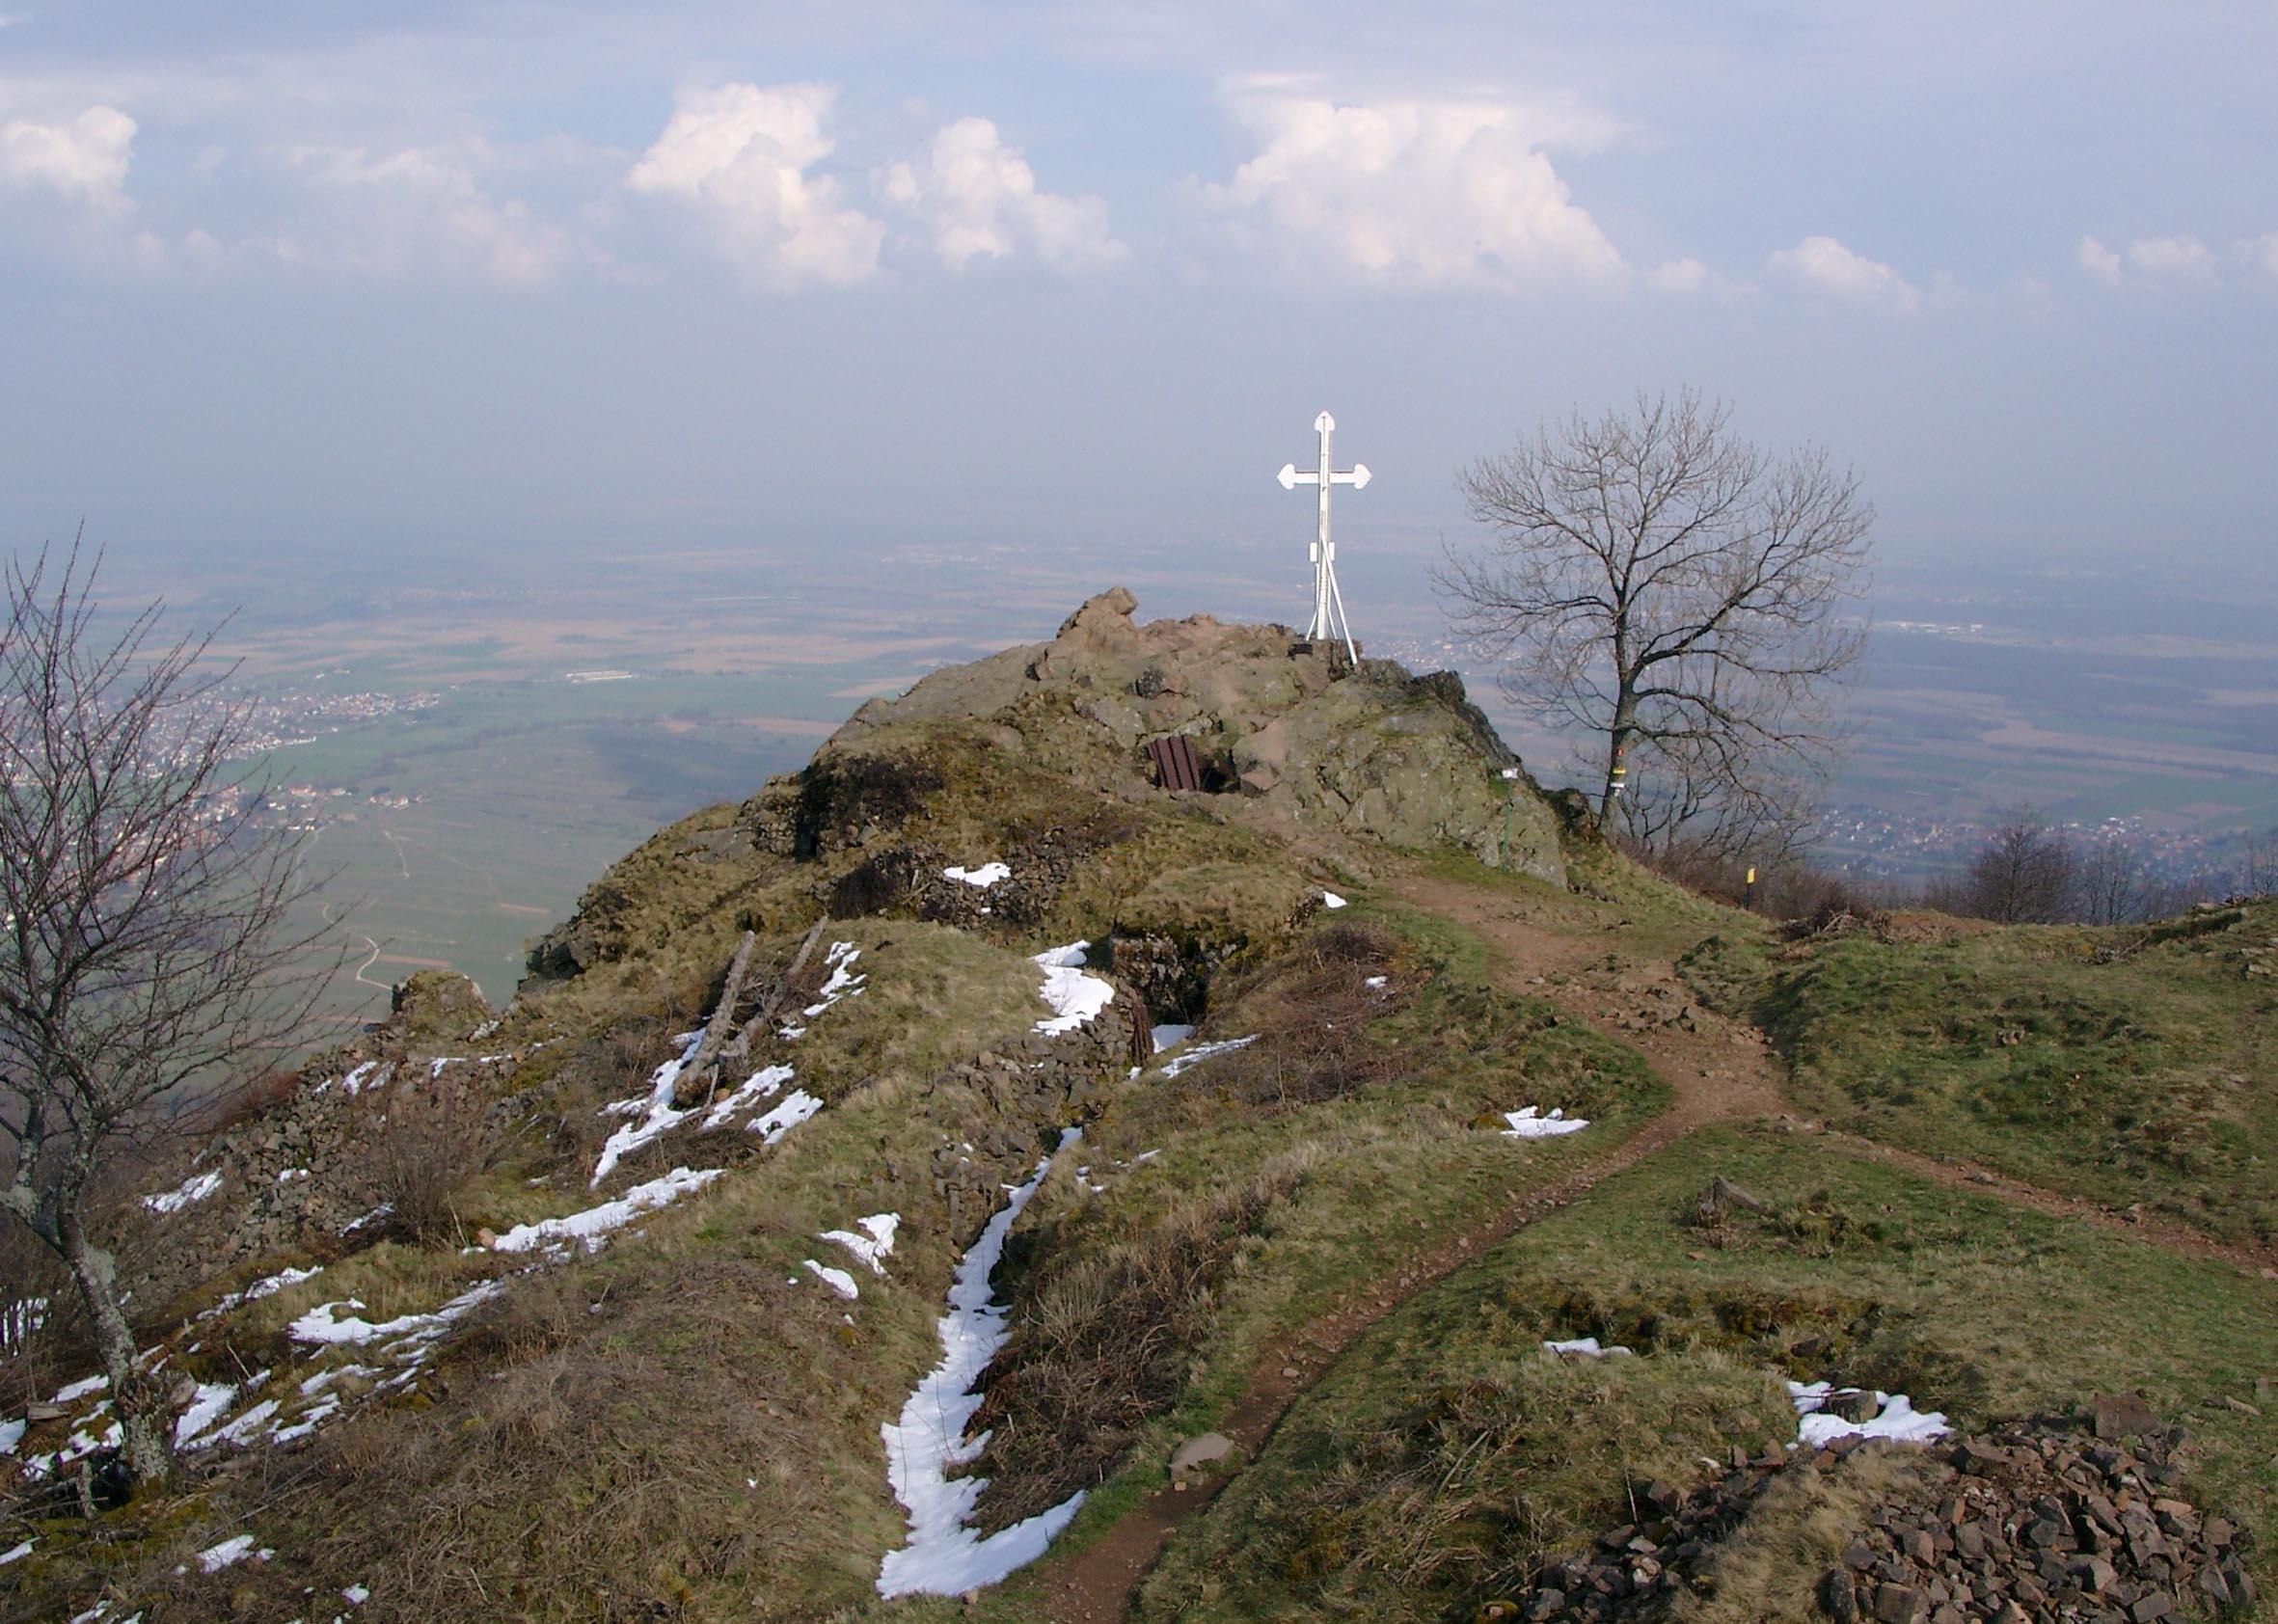 Gipfelkreuz des Hartmannsweilerkopfes mit umliegenden Befestigungsanlagen